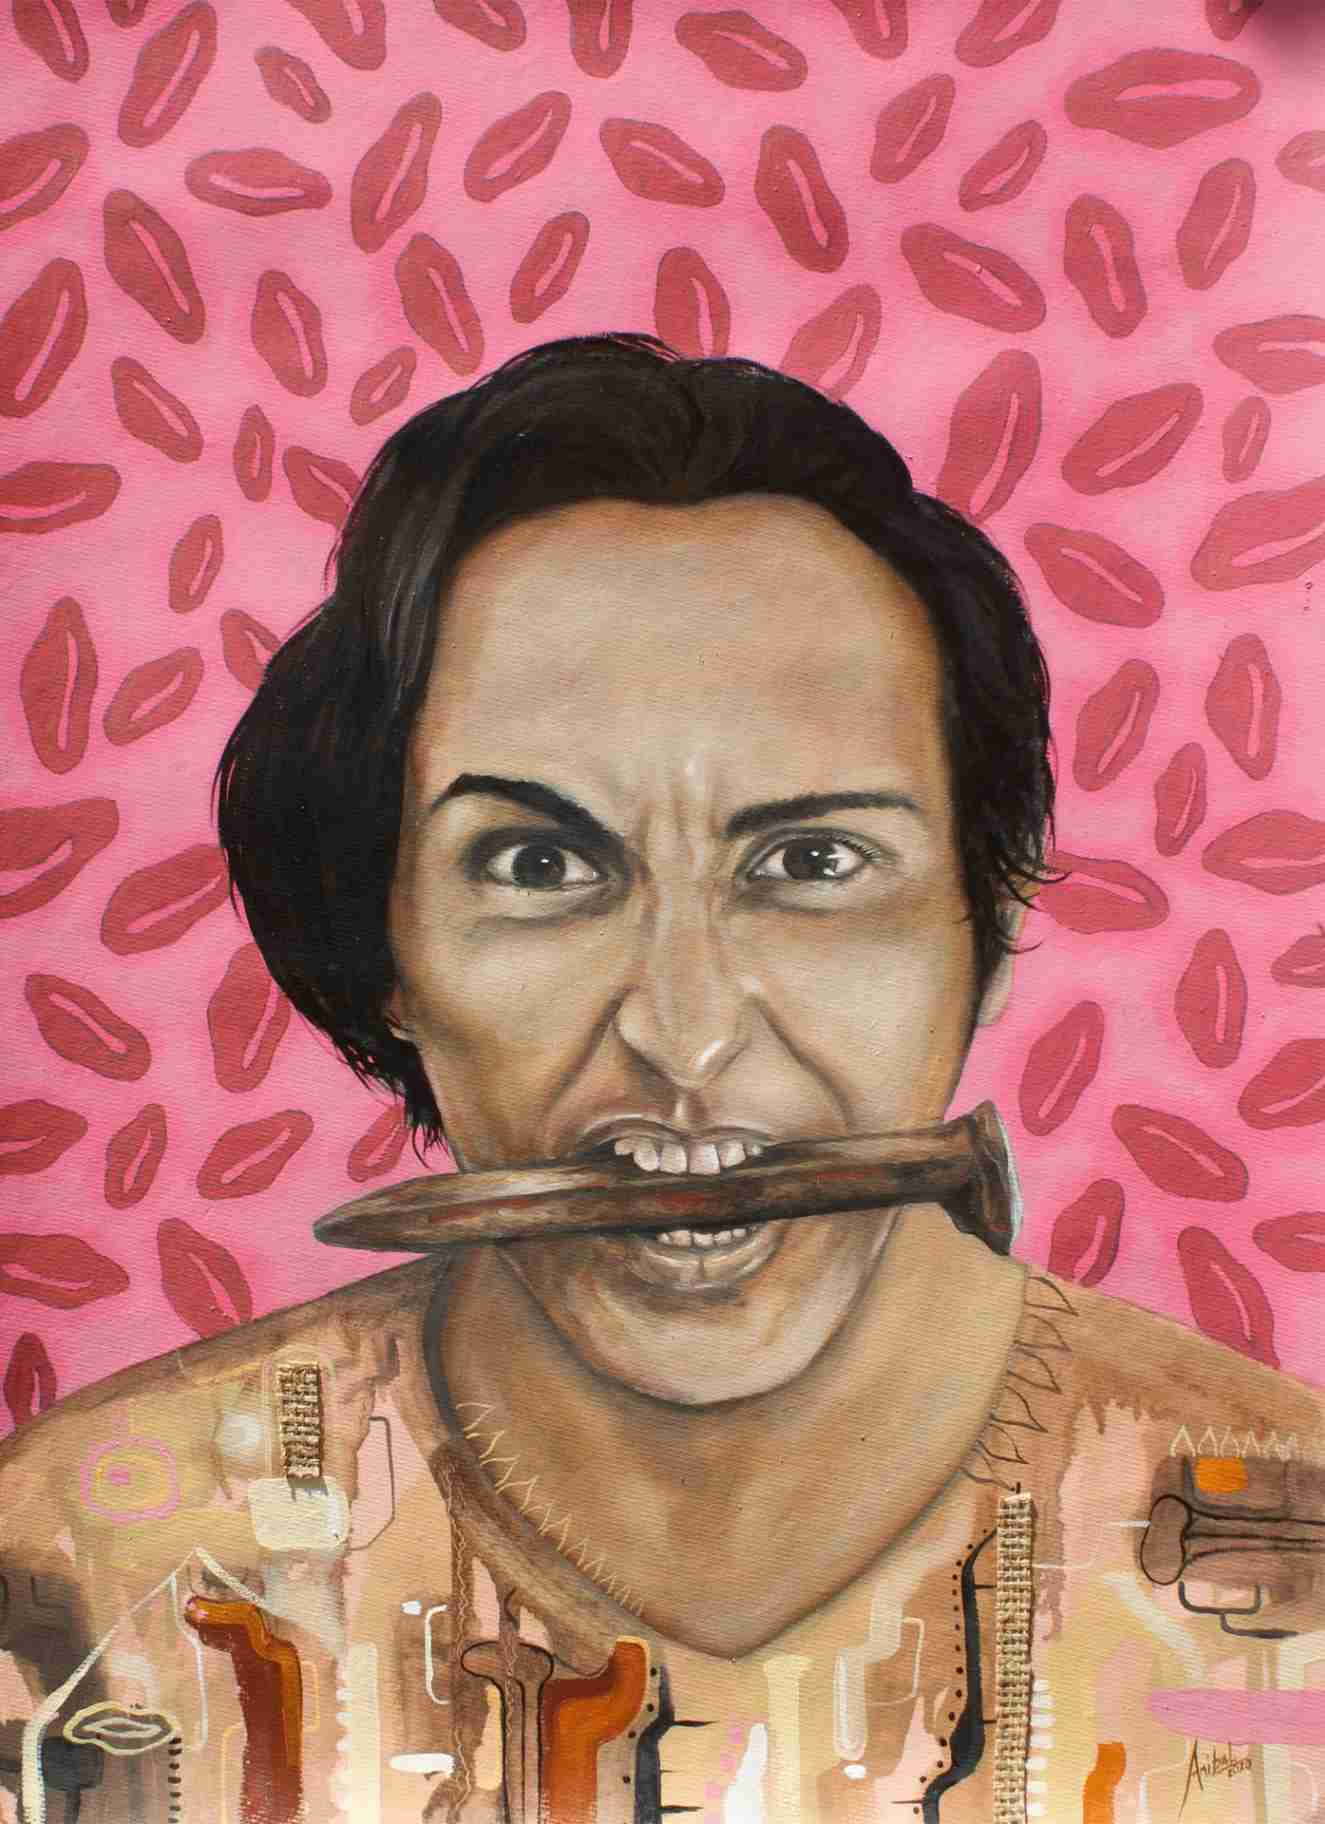 Obra: Guerrero no tan Rosa